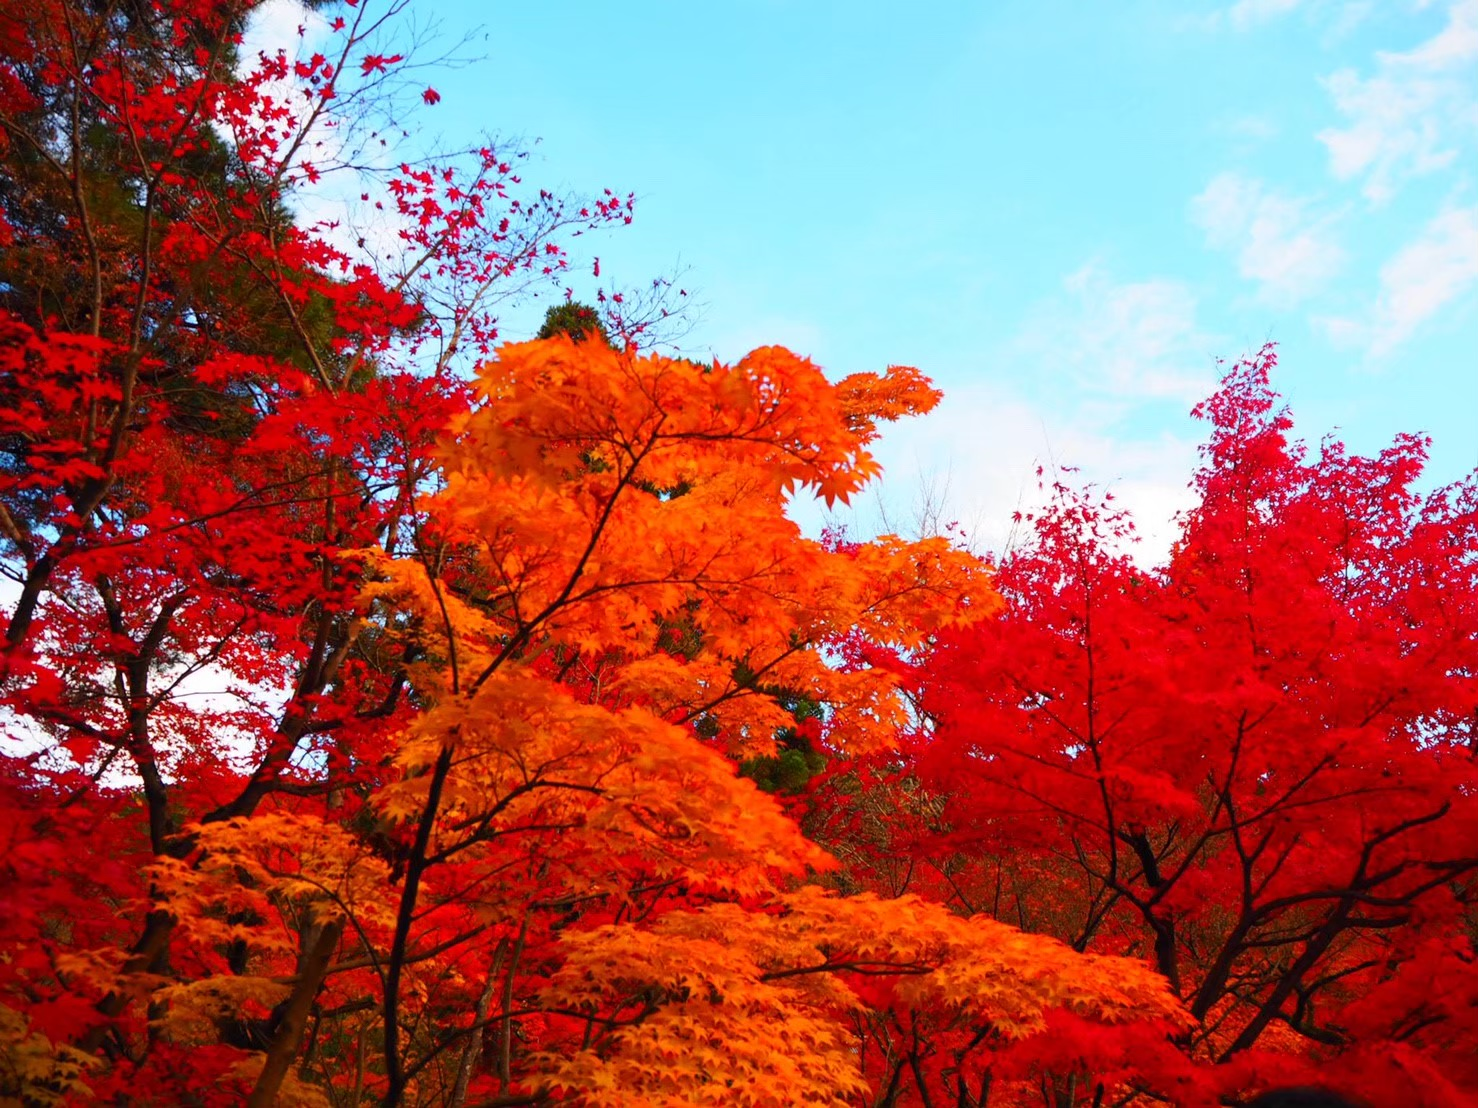 【女子旅におすすめ】京都で体験して最高だったベストメモリーまとめ♡_13